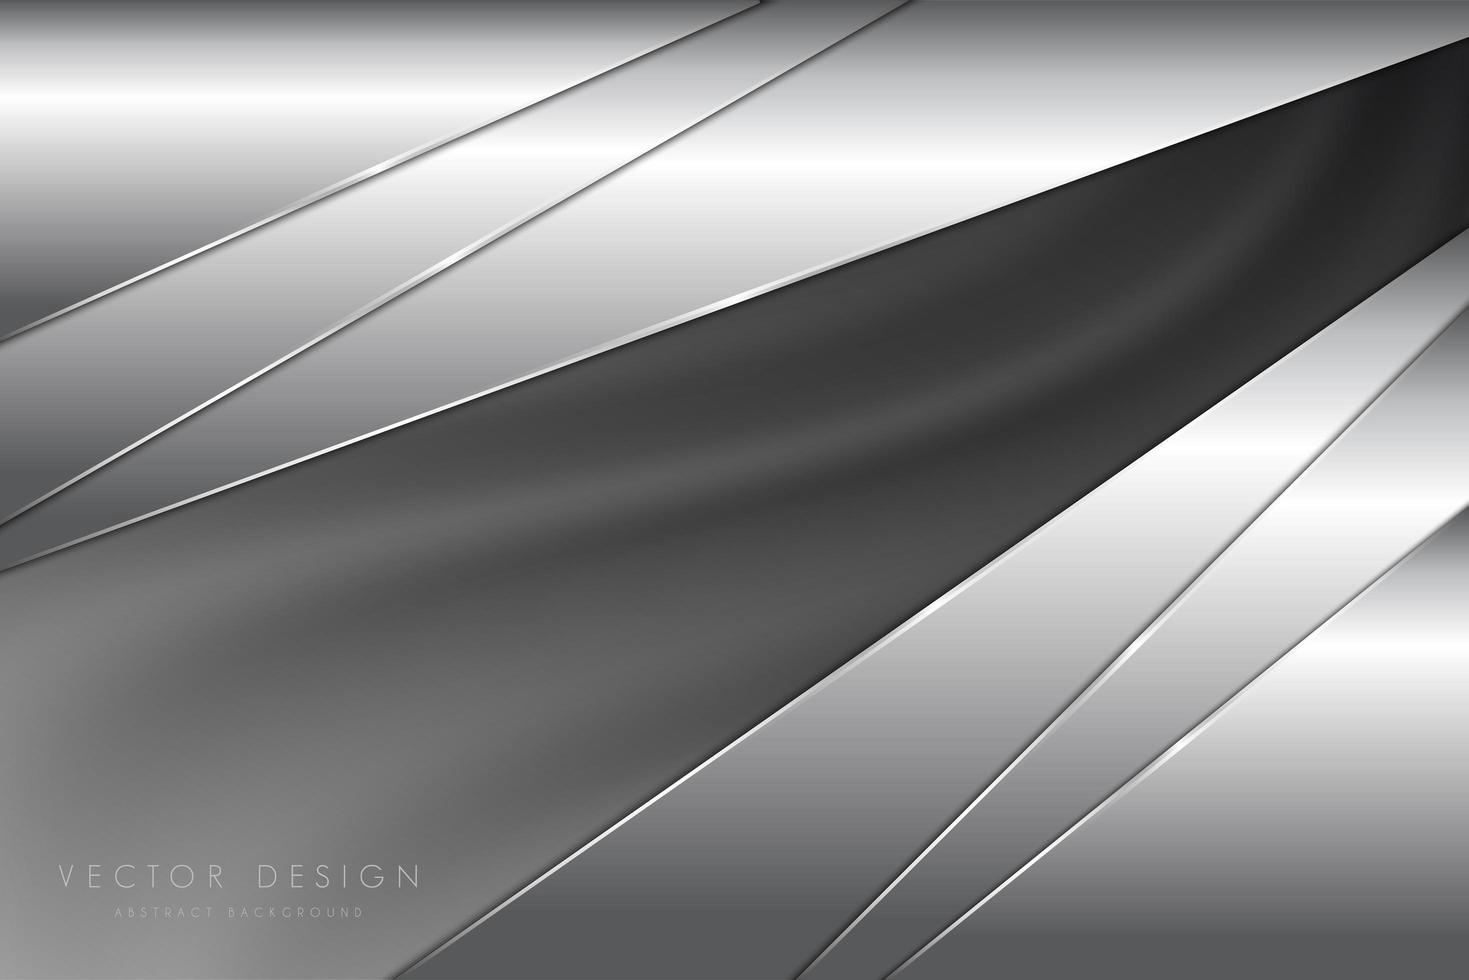 pannelli angolati grigi metallizzati con texture seta vettore